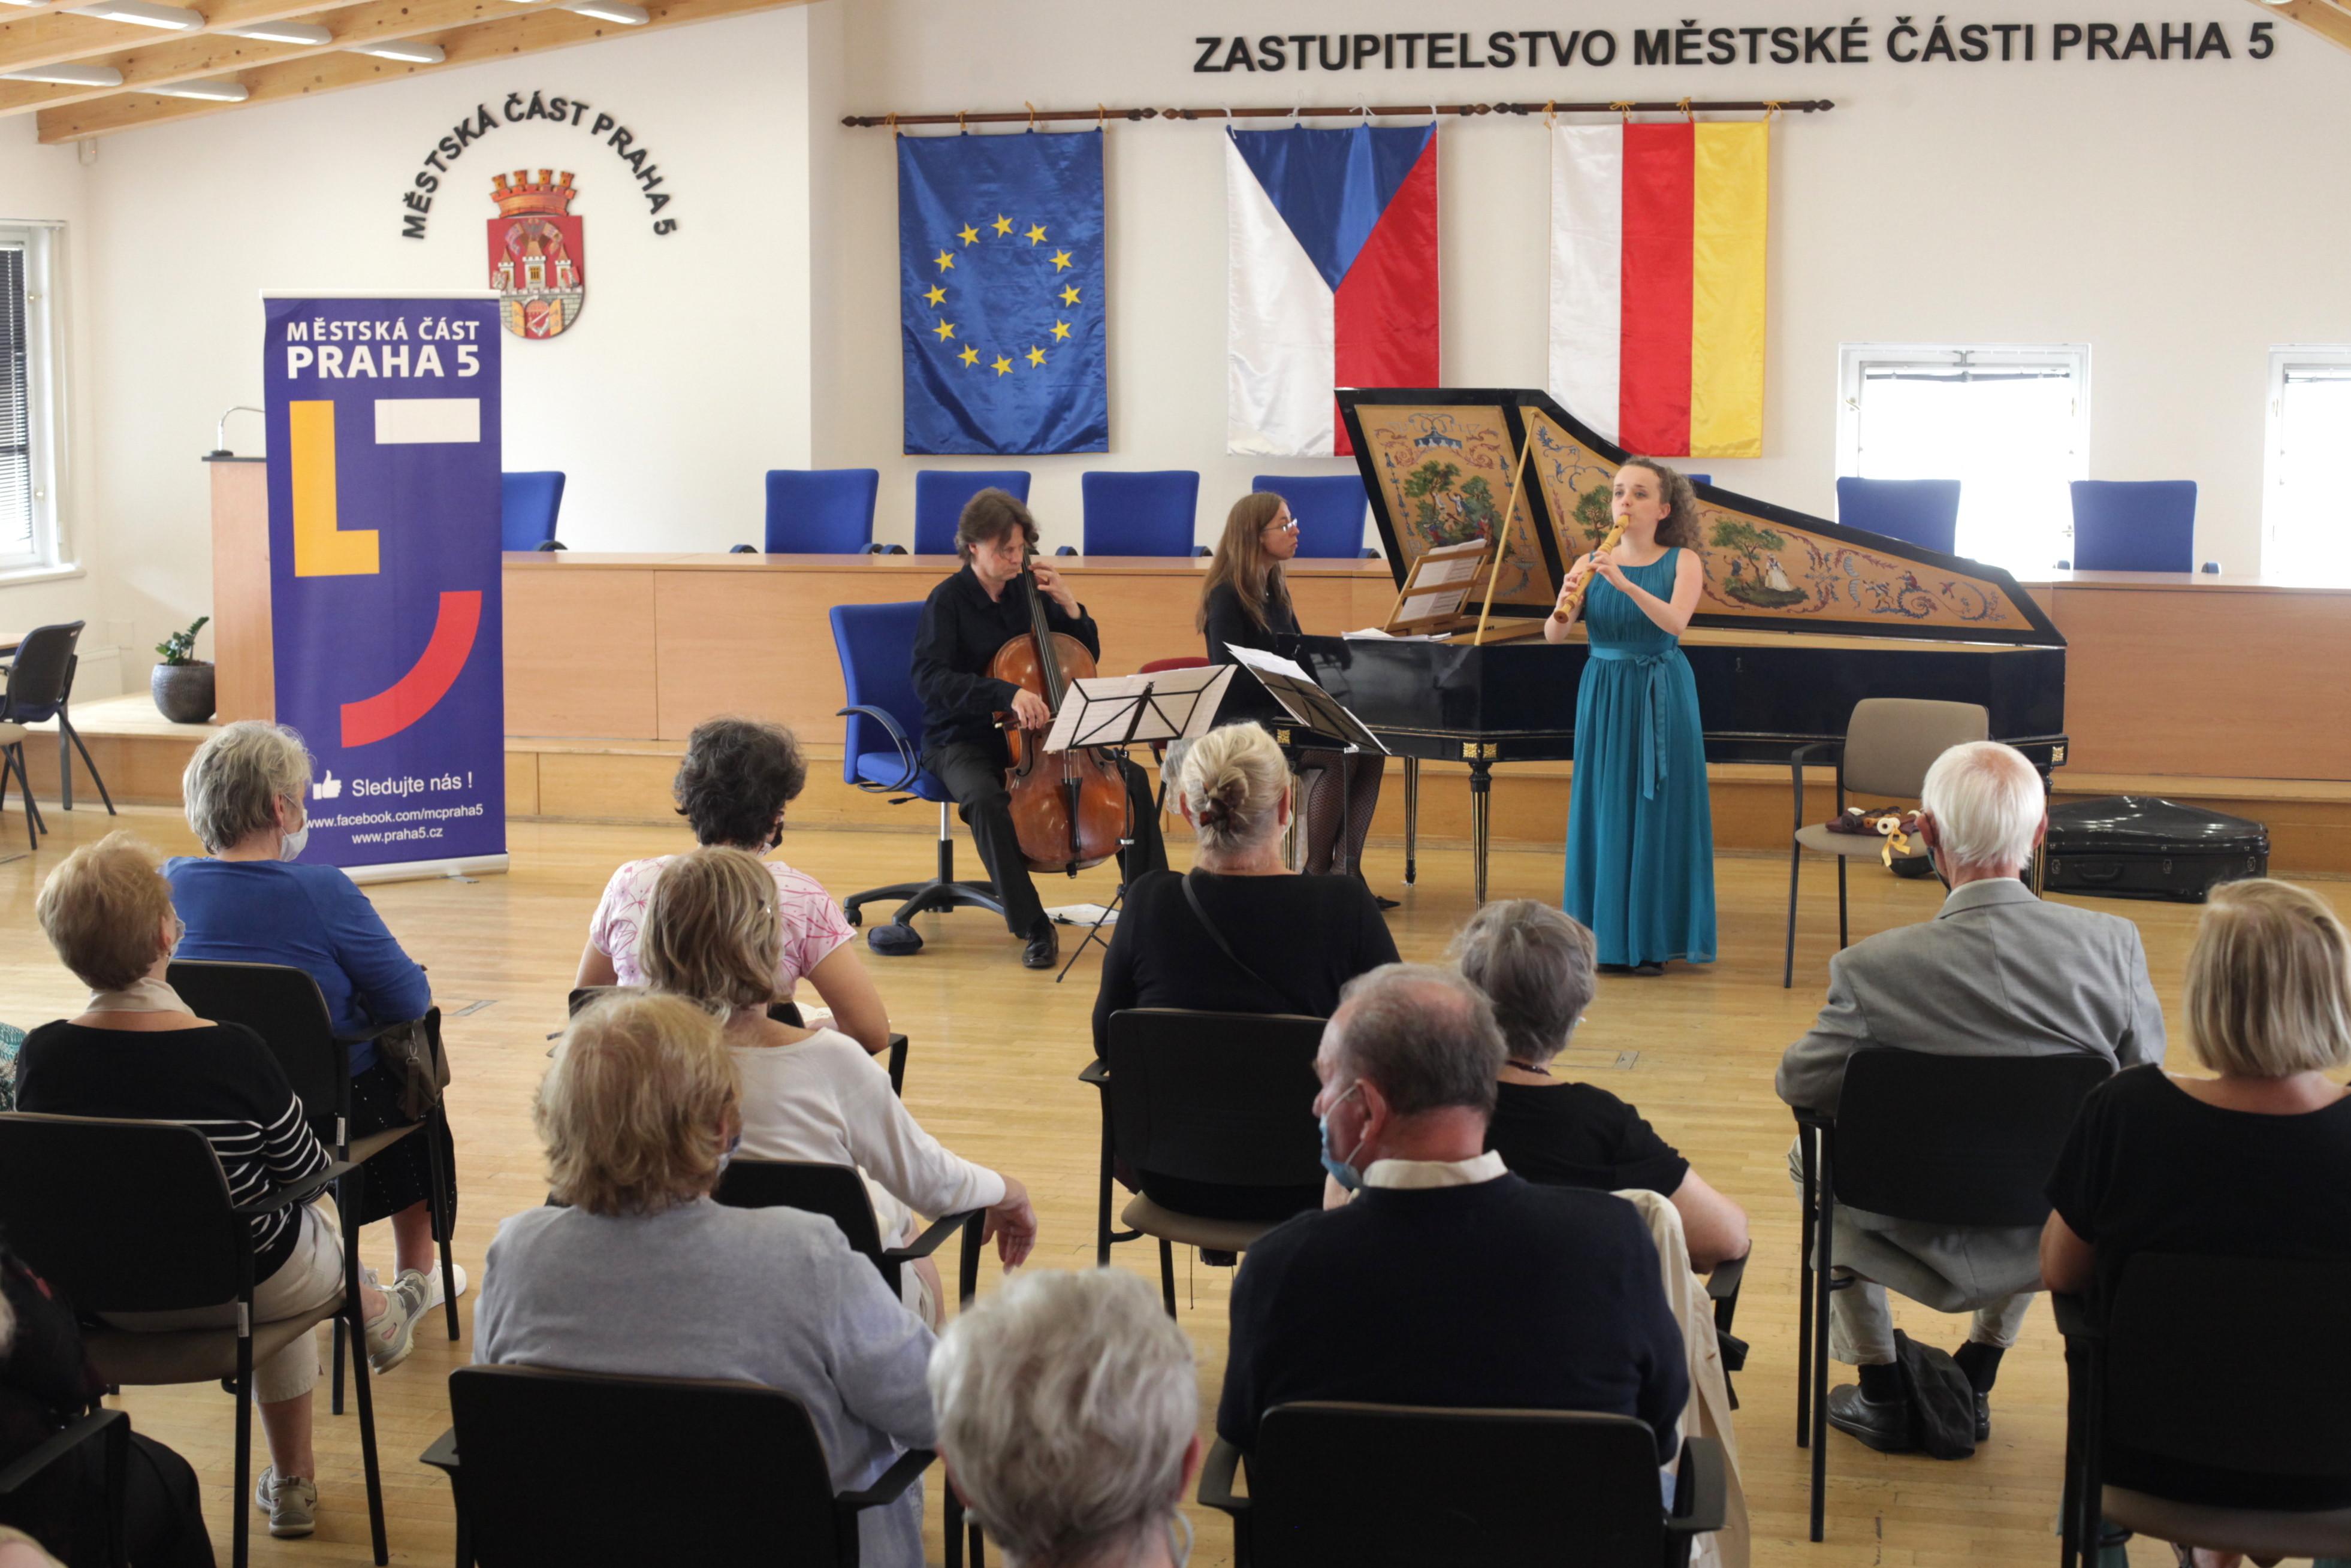 mc-praha-5-obnovila-koncertni-cyklus-andelska-matine-zveme-na-dva-koncerty-souboru-cinque-archi